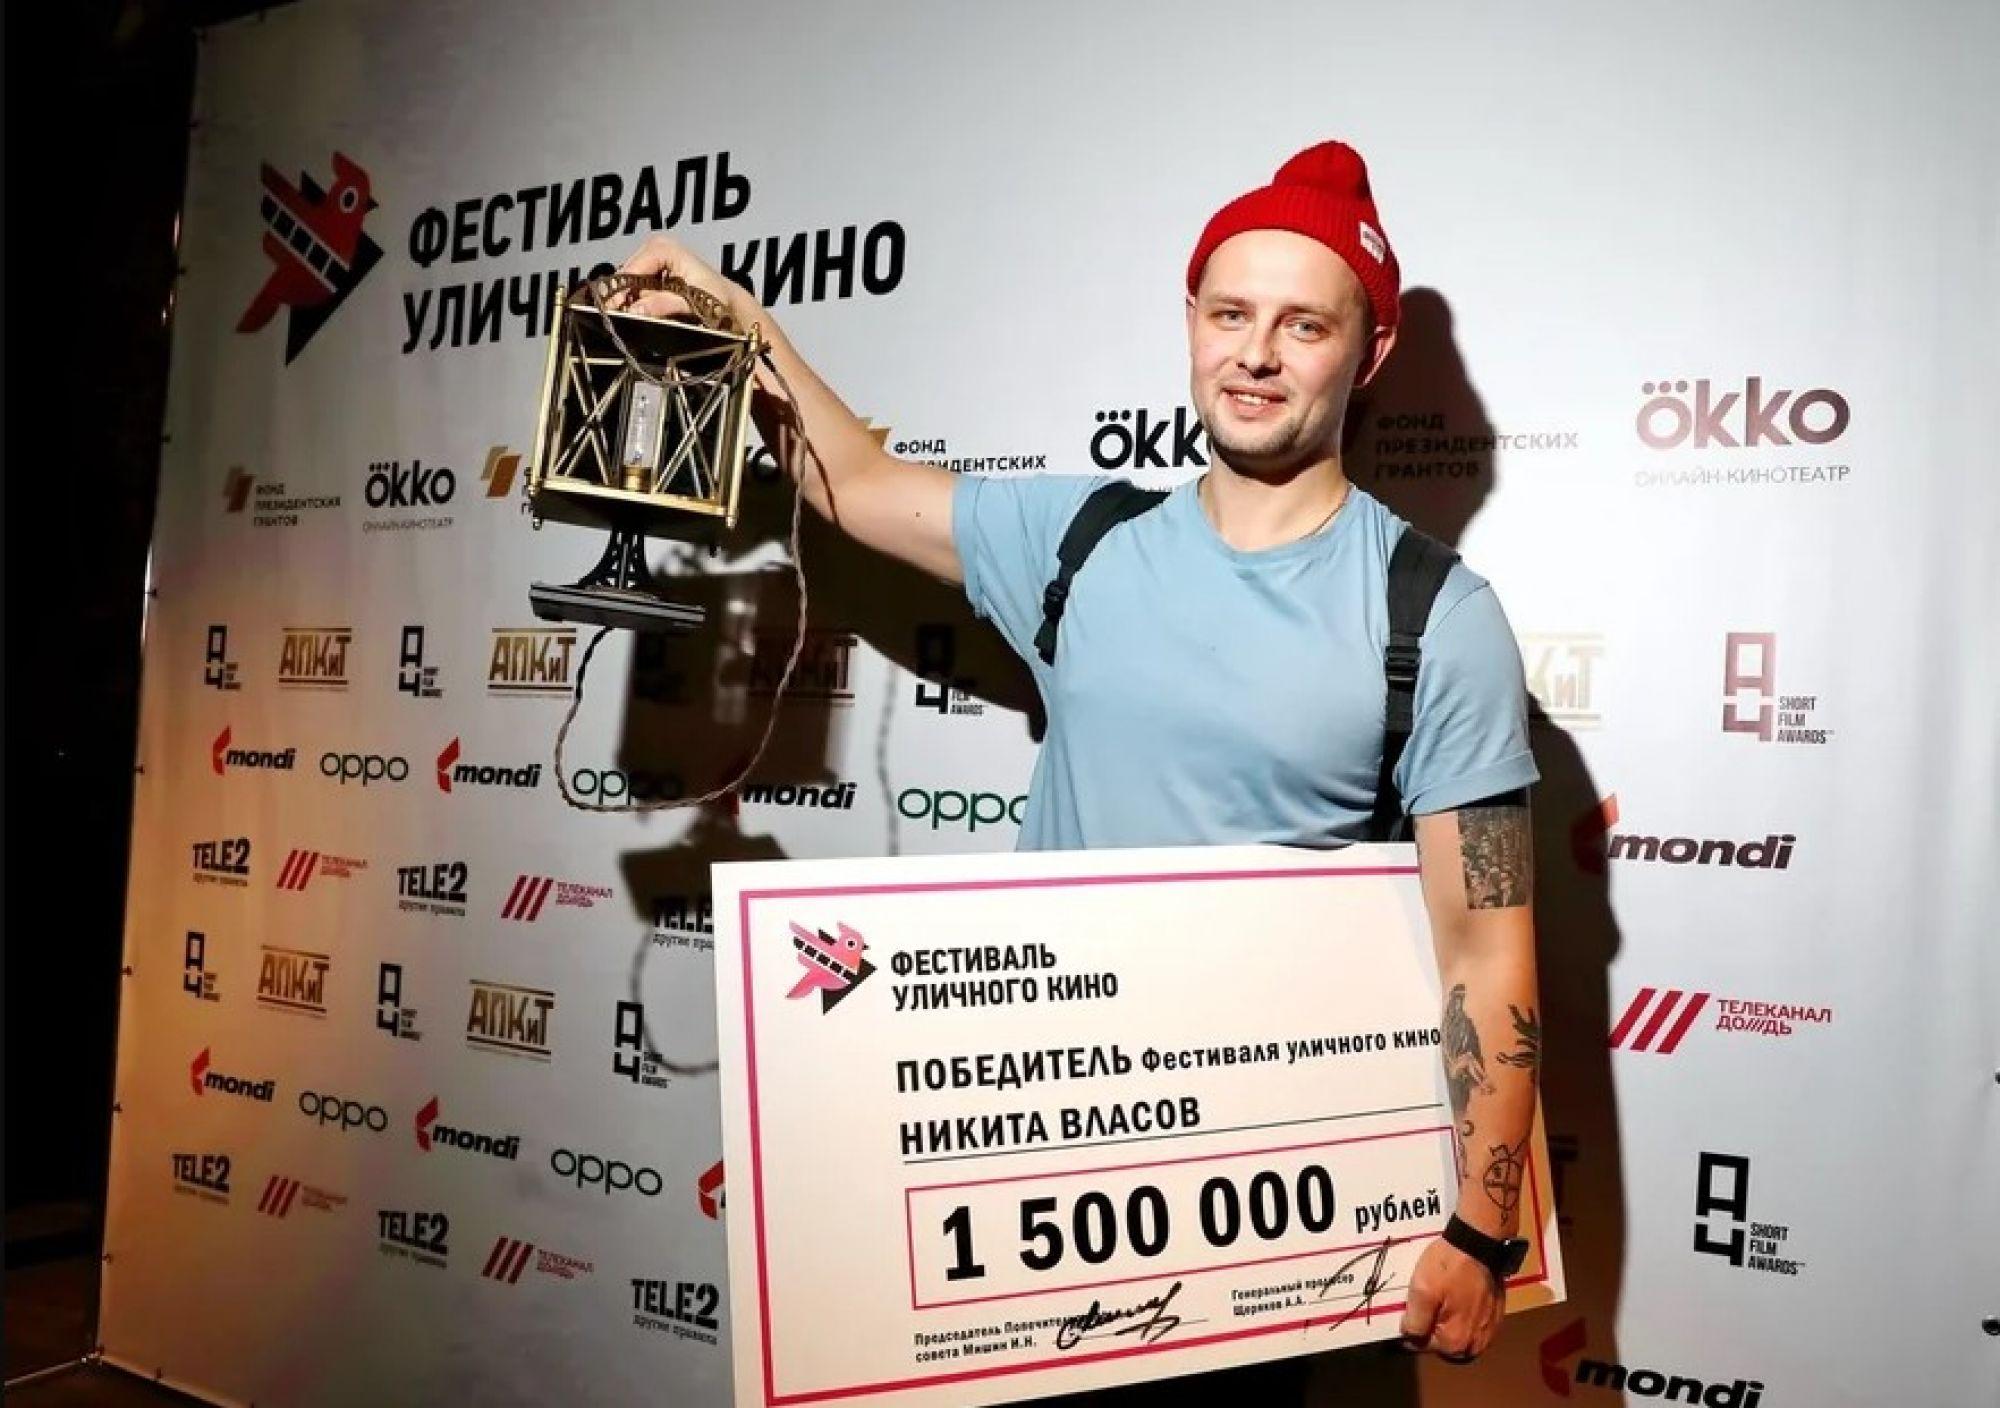 Никита Власов получил главный приз VI Всемирного фестиваля уличного кино